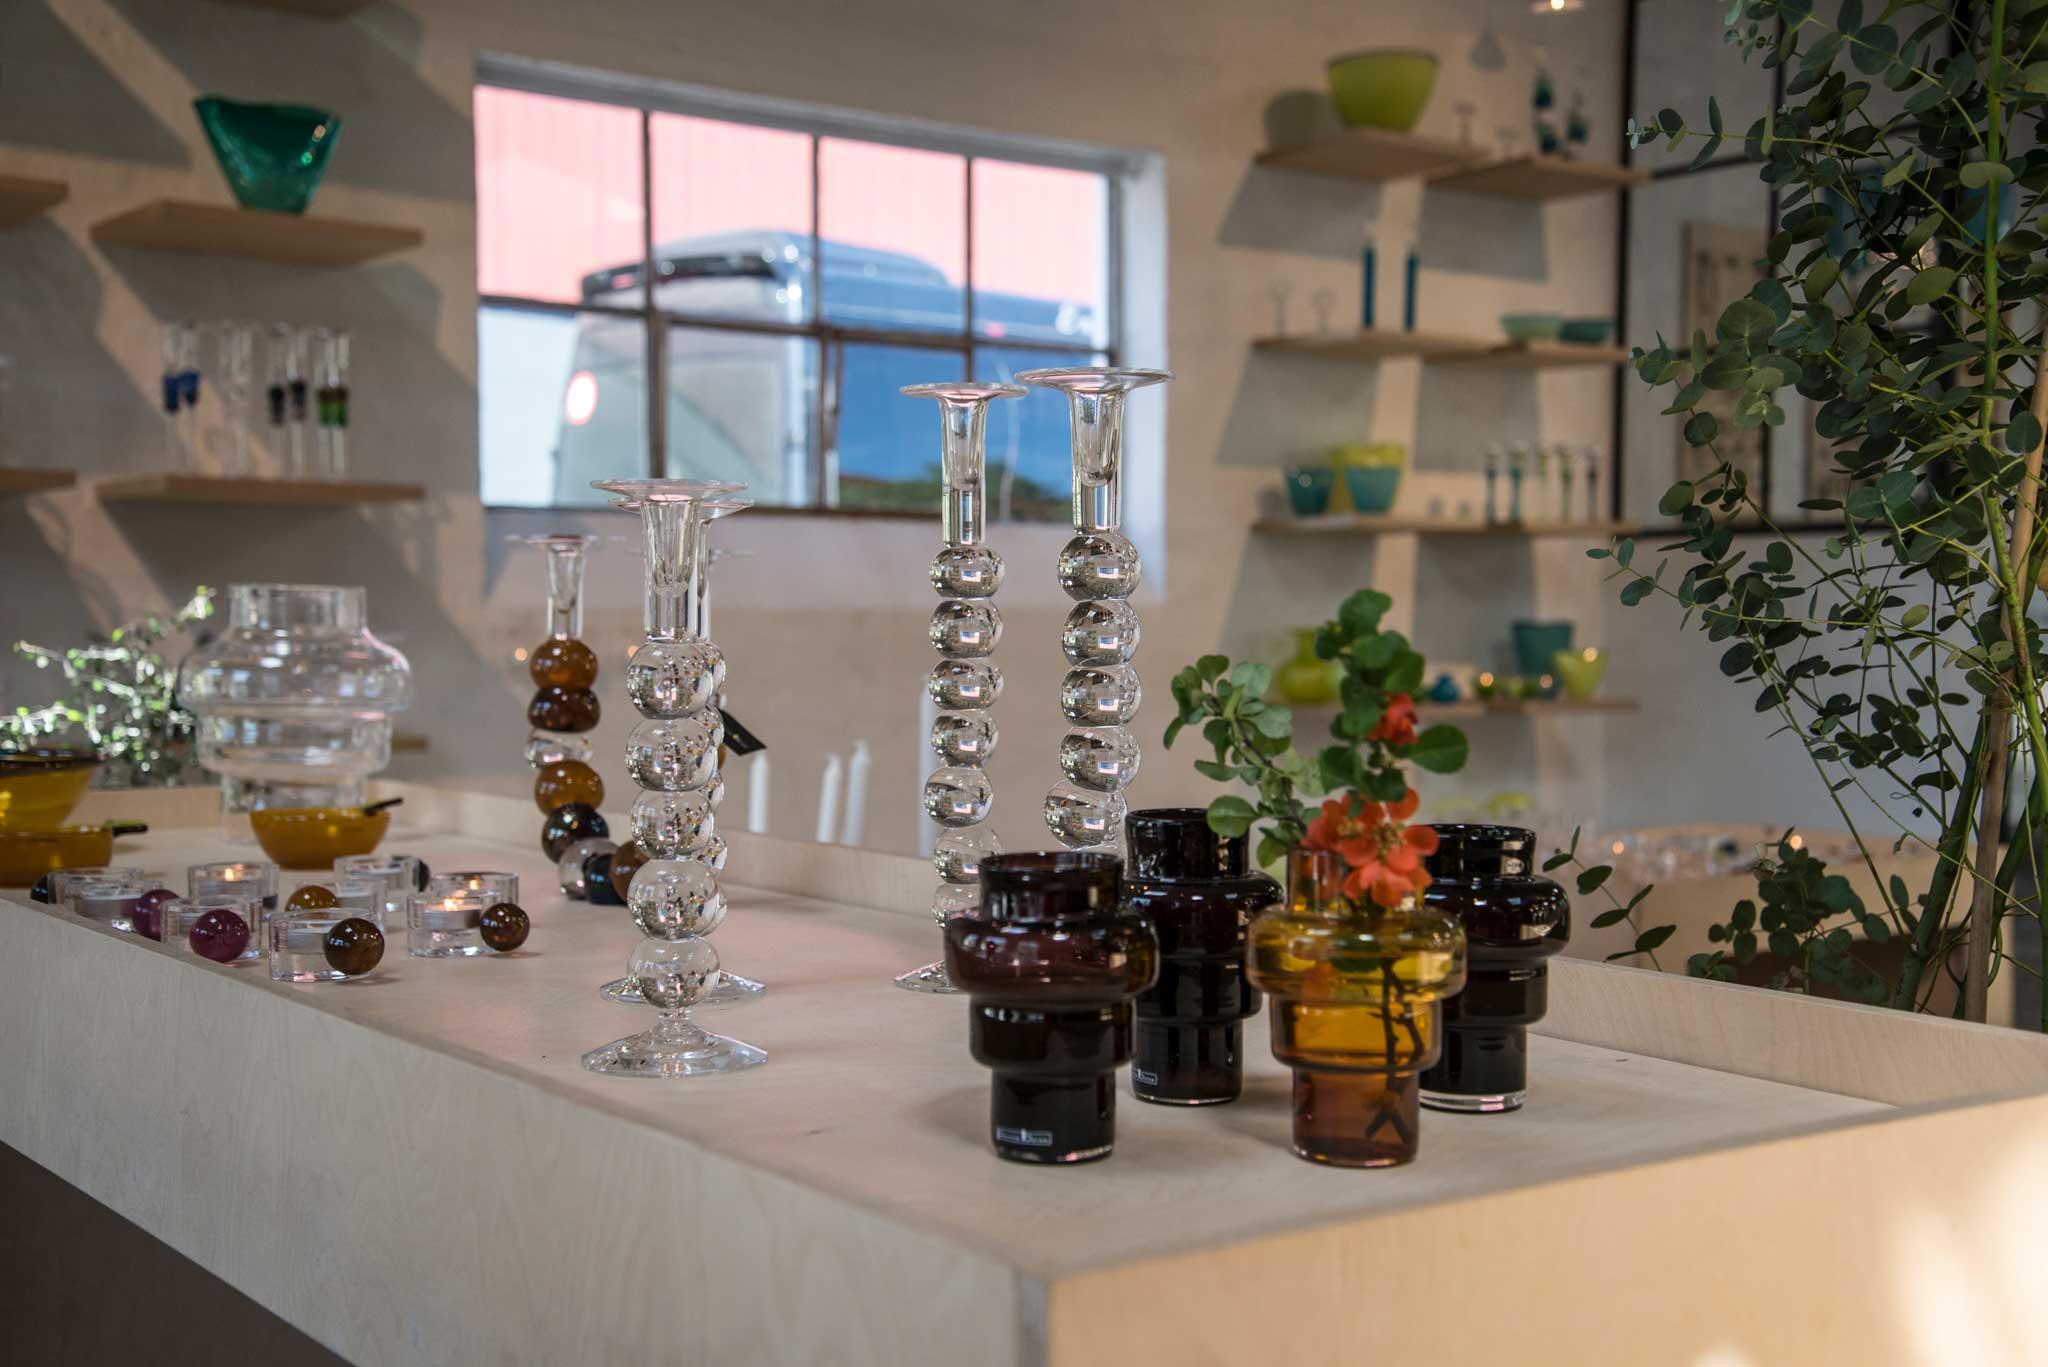 Mange flotte glassprodukter til salgs.